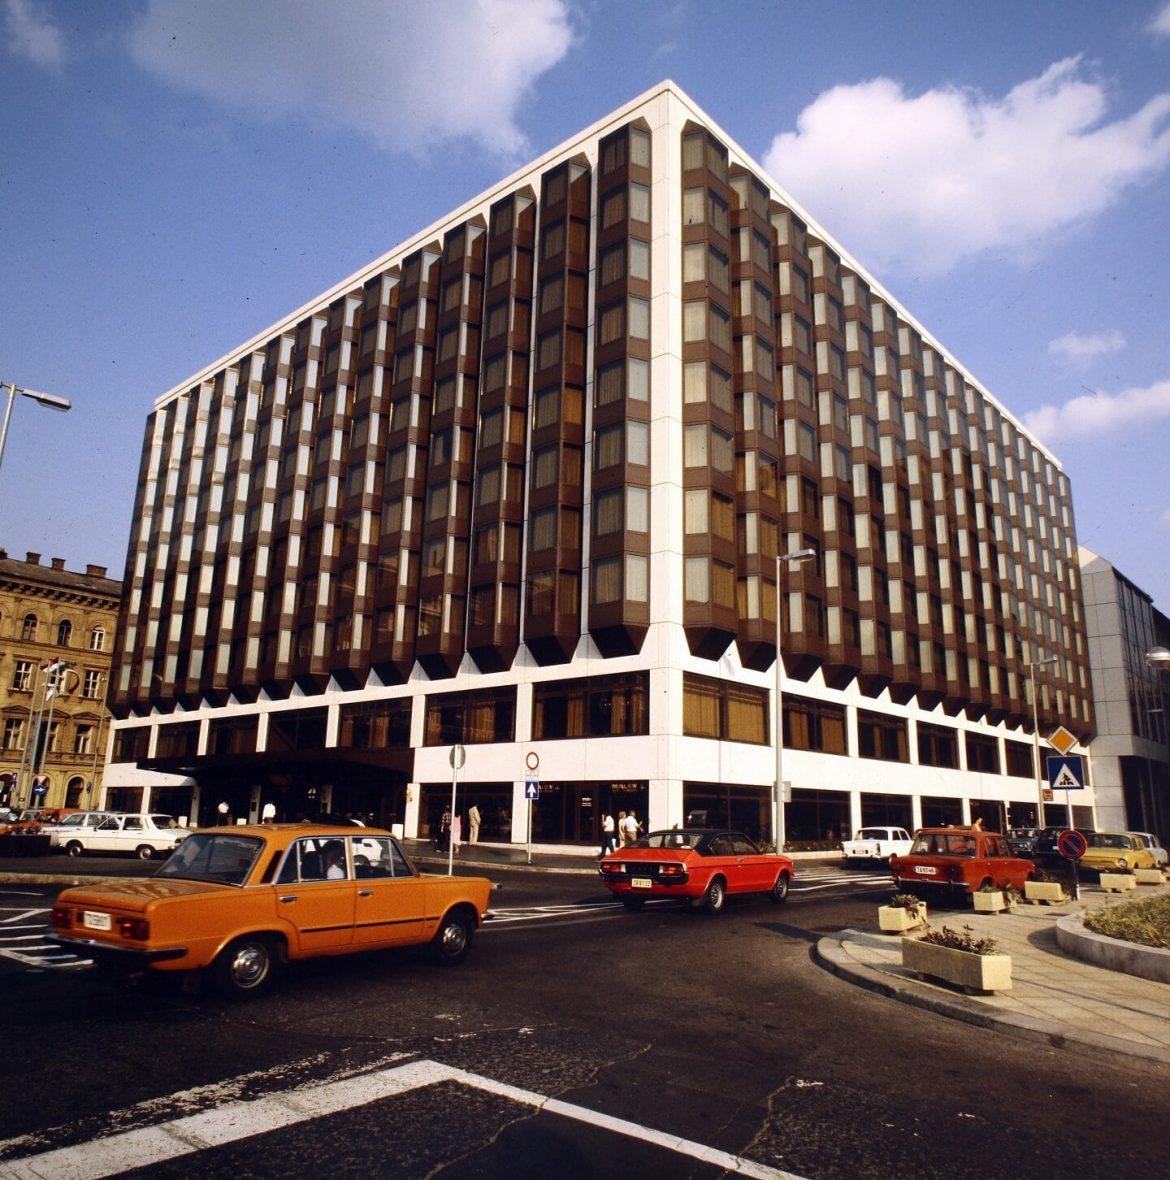 Sofitel Budapest felújítás Atrium Hyatt hotel Indotek csoport